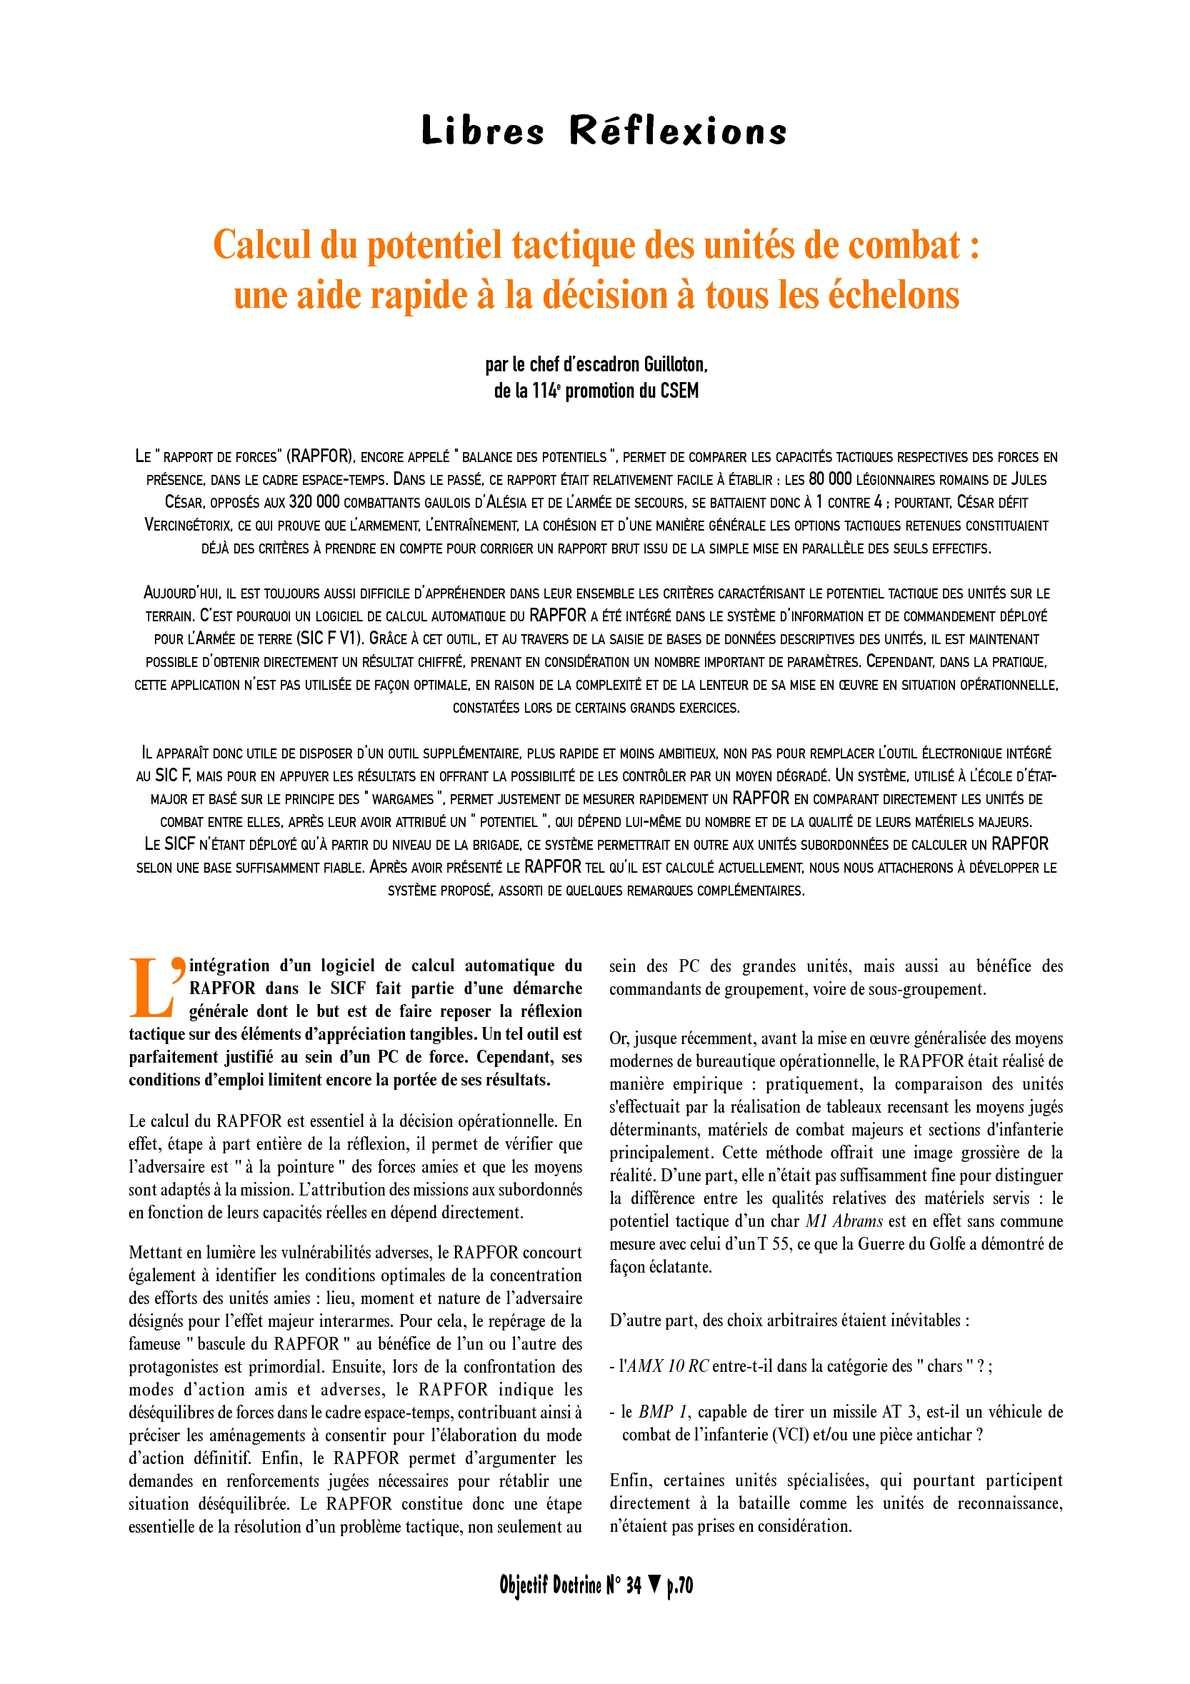 CALCUL DU POTENTIEL TACTIQUE DES UNITES DE COMBAT